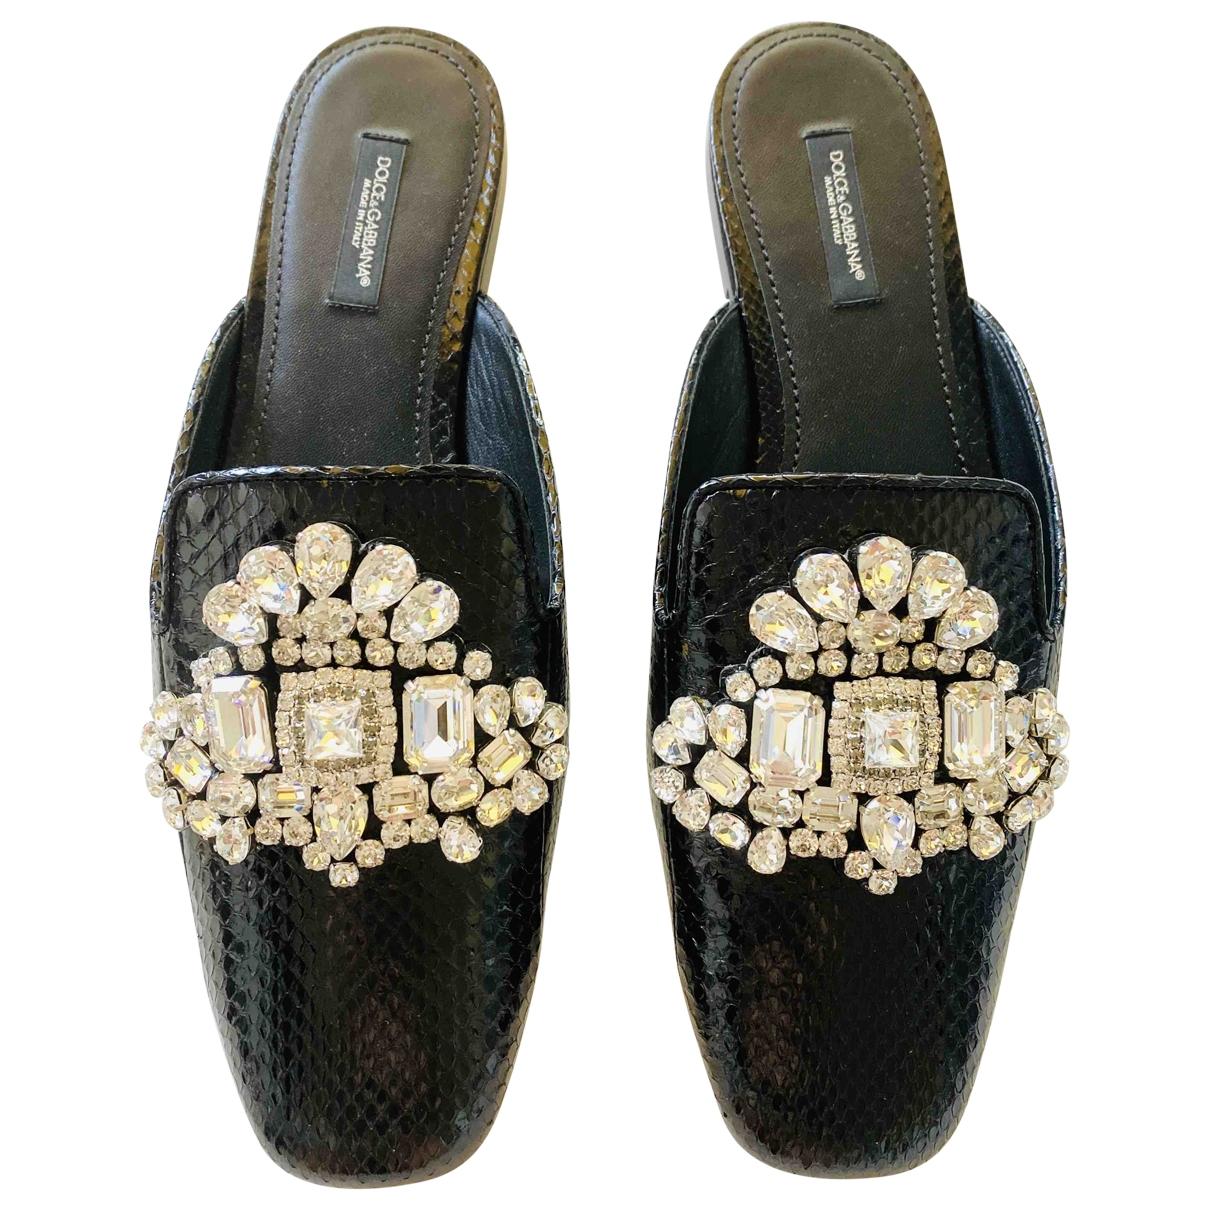 Zuecos de Anguila Dolce & Gabbana